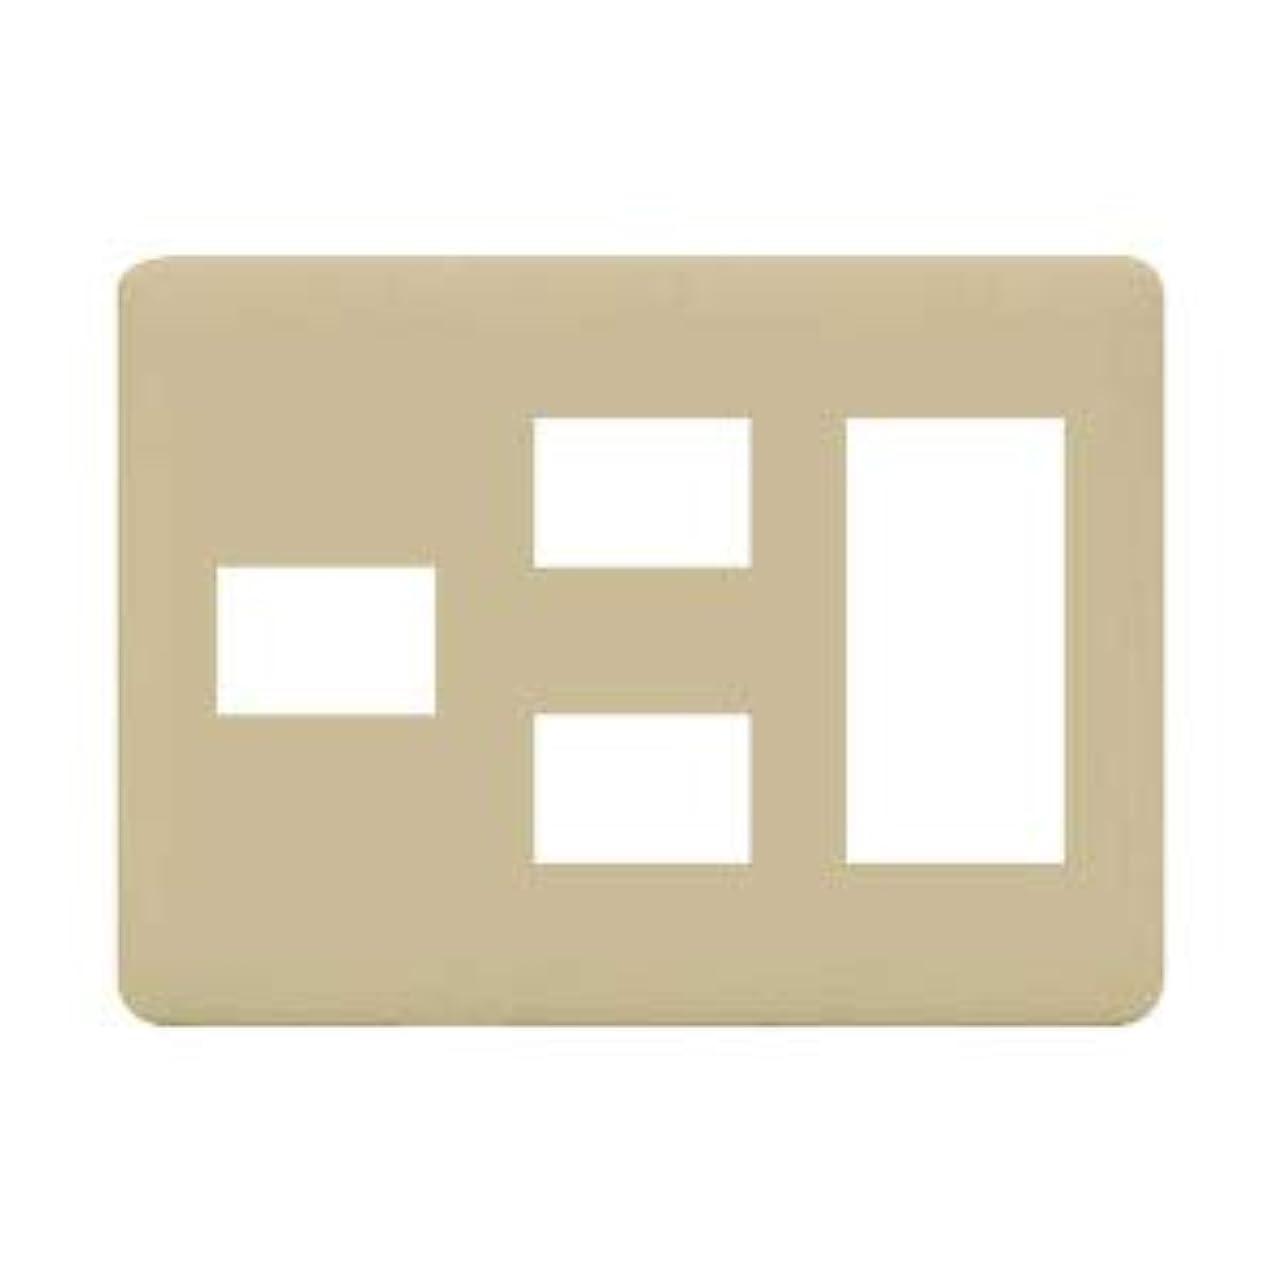 参加者バルセロナ含める神保電器 J?WIDEシリーズ WJDシリーズ 2ピースコンセントプレート 3連用 6コ用(1コ+2コ+3コ) ライトベージュ WJD-123-L ※受注生産品